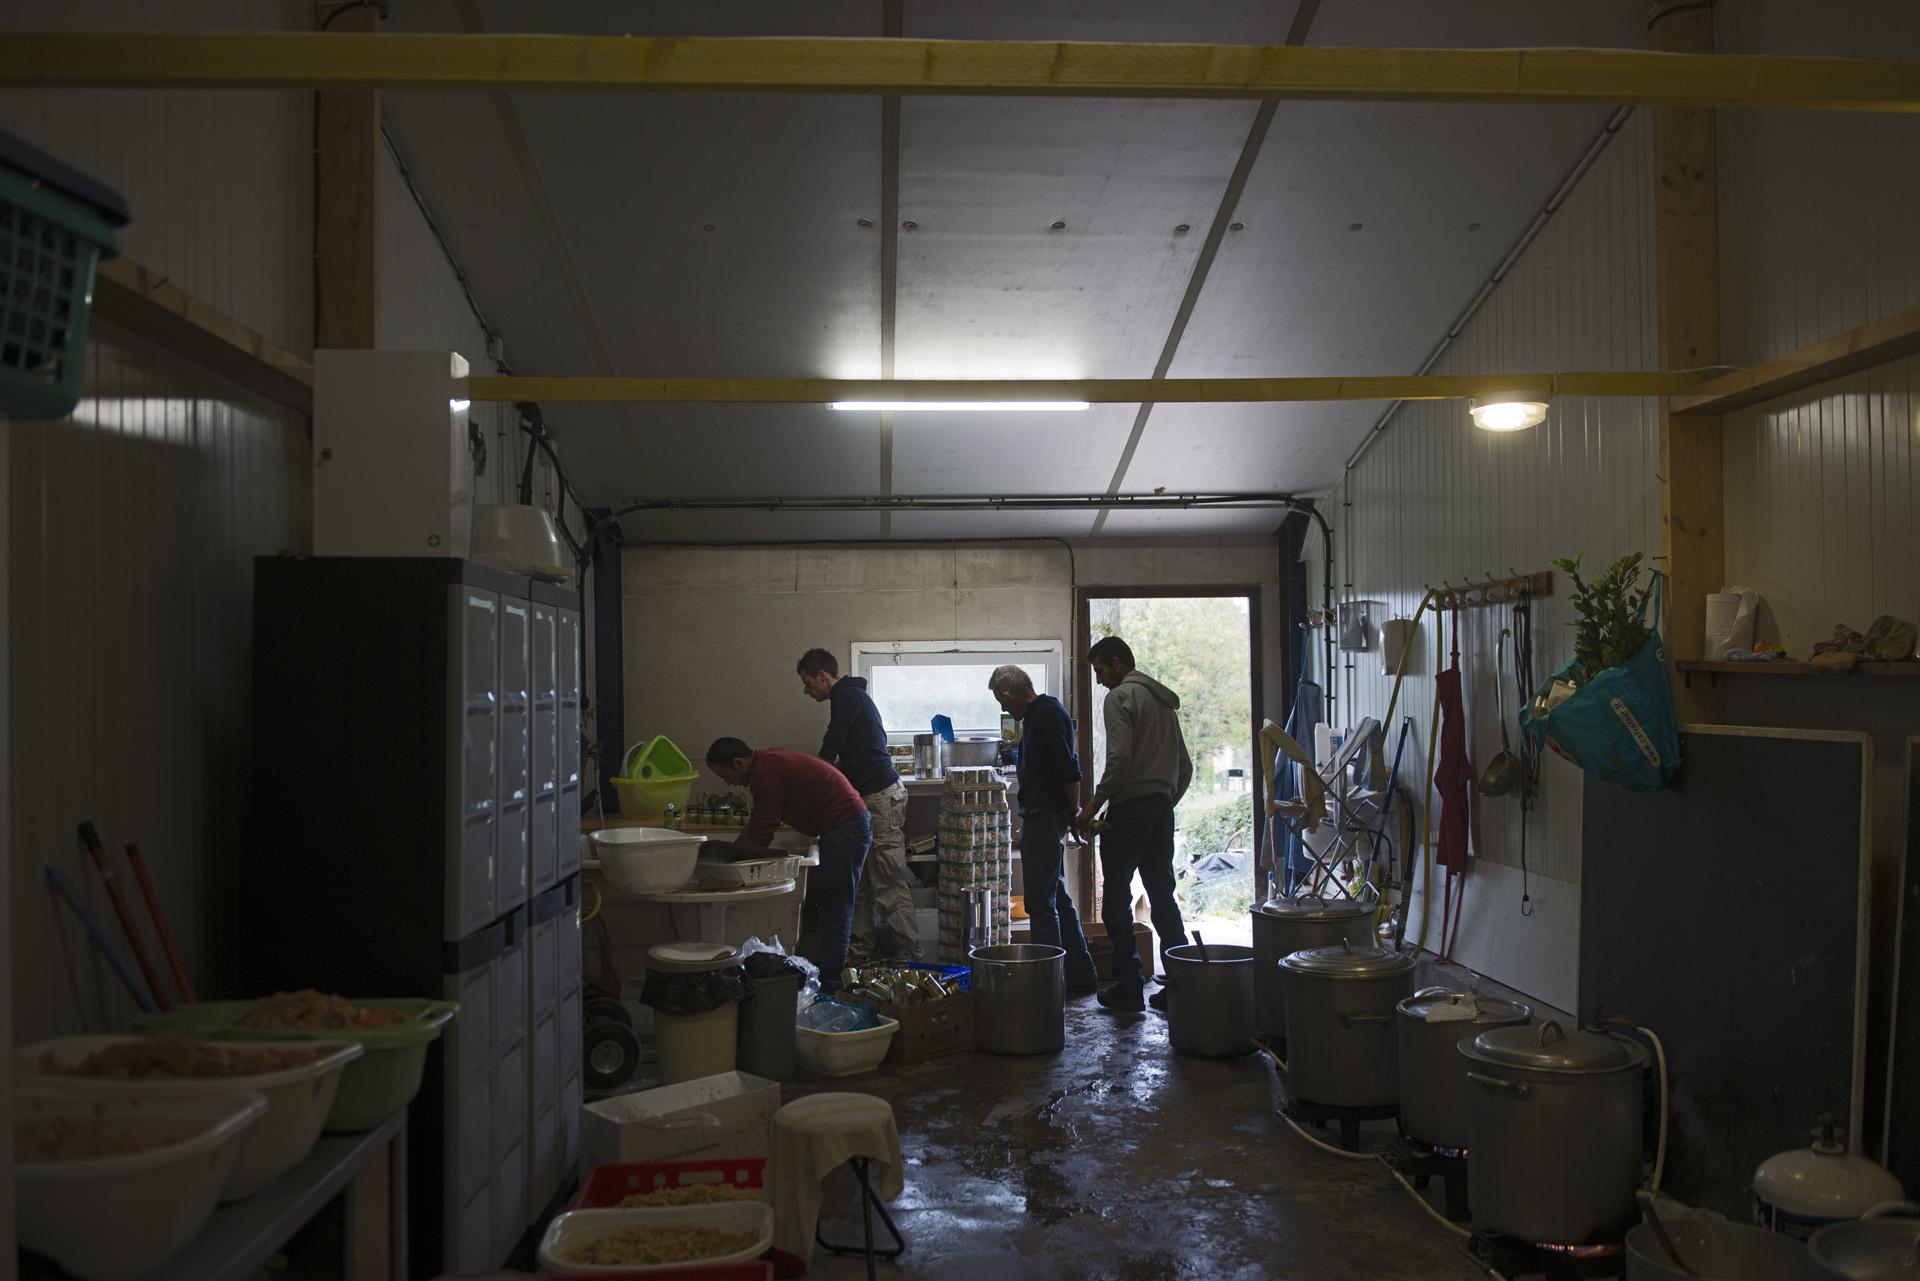 L'Auberge Des Migrants prépare les repas chauds durant la journée. Un des bénévoles les plus actifs est un ancien migrant d'origine Afghane qui réside désormais légalement sur le territoire français.